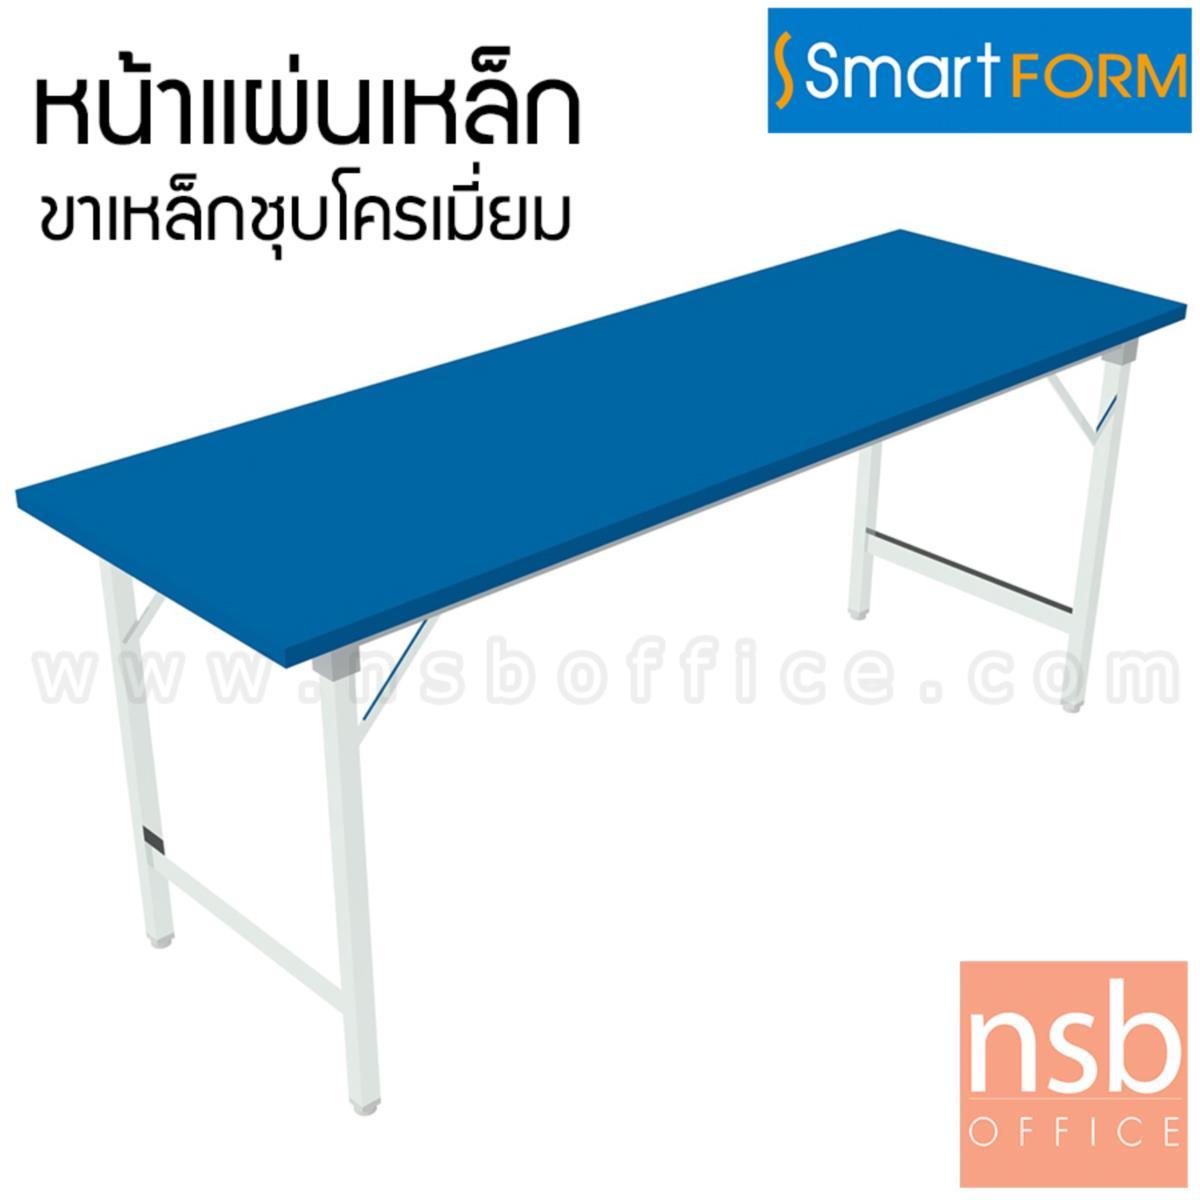 A07A083:โต๊ะพับหน้าเหล็ก  ขนาด 150W, 180W (*75D) cm  ขาเหล็กชุบโครเมี่ยม